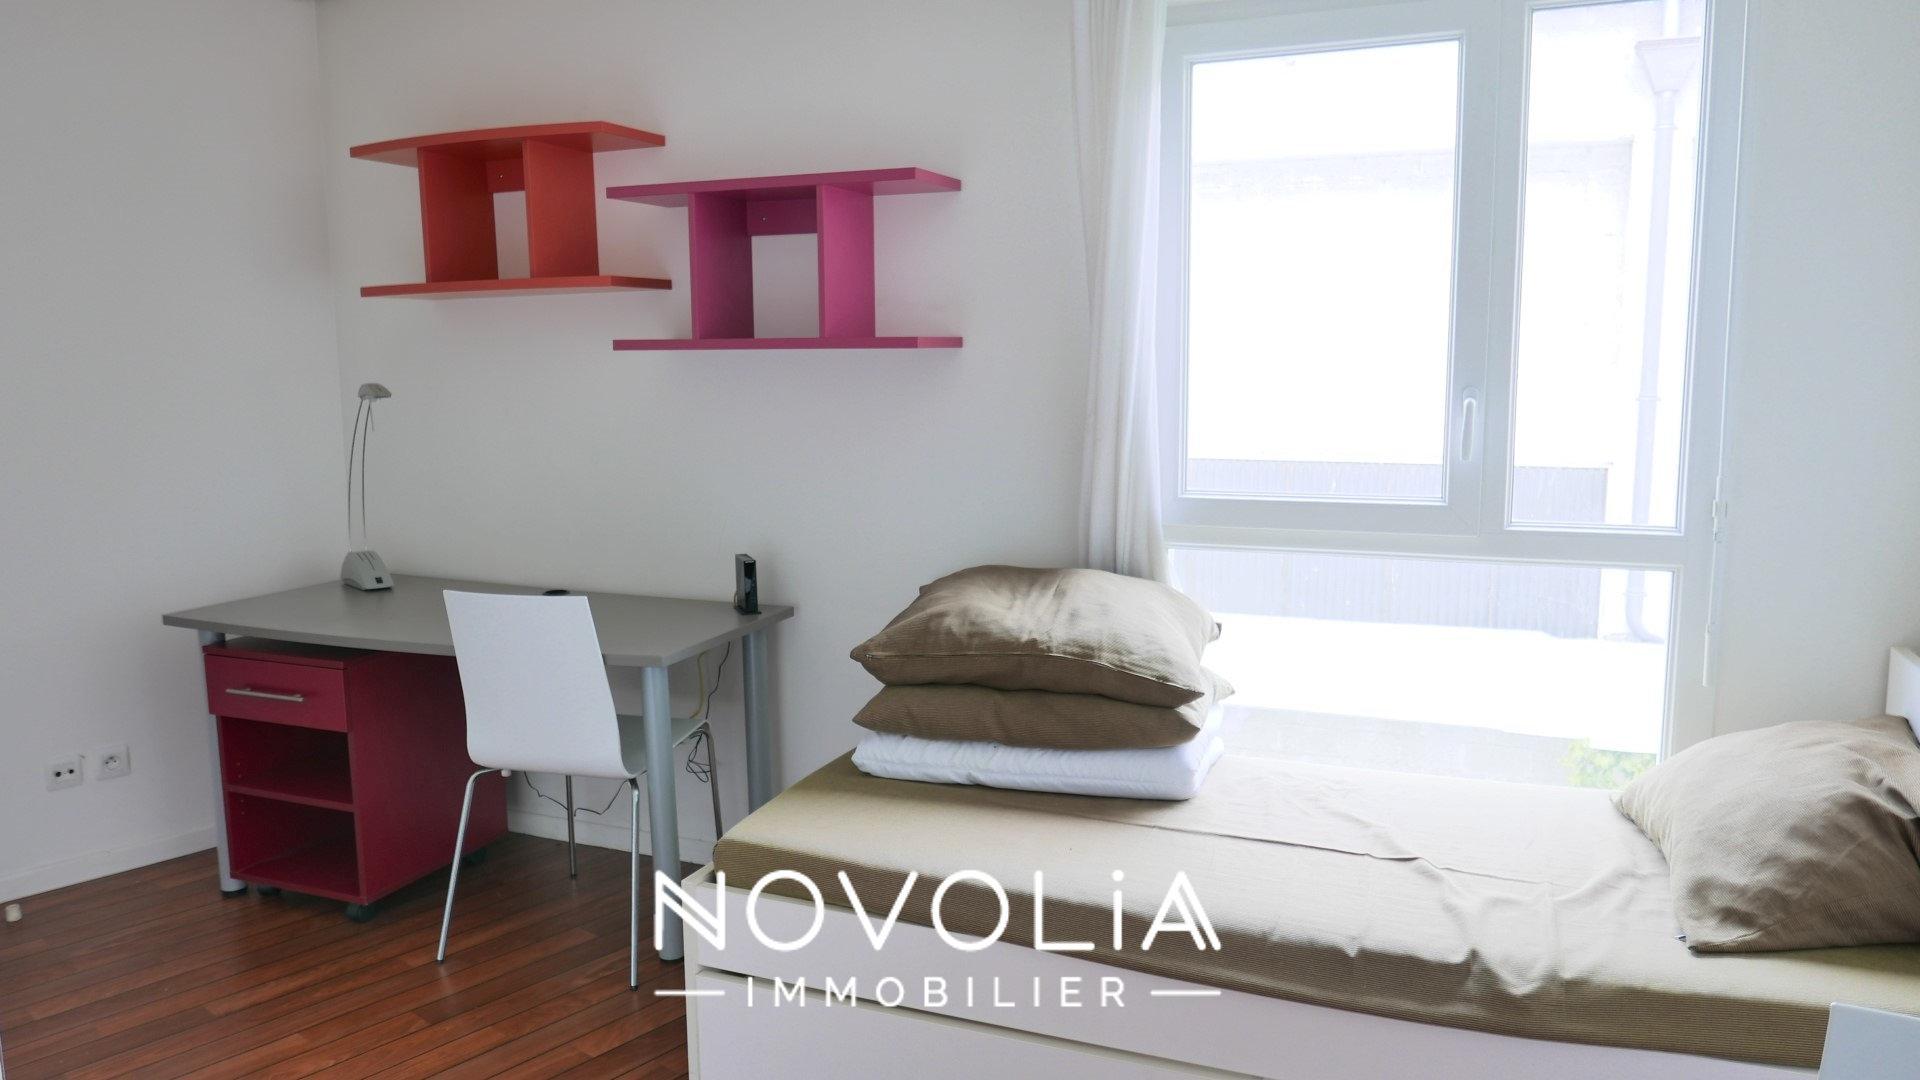 Achat Appartement Surface de 17.09 m²/ Total carrez : 17 m², 1 pièce, Lyon 7ème (69007)